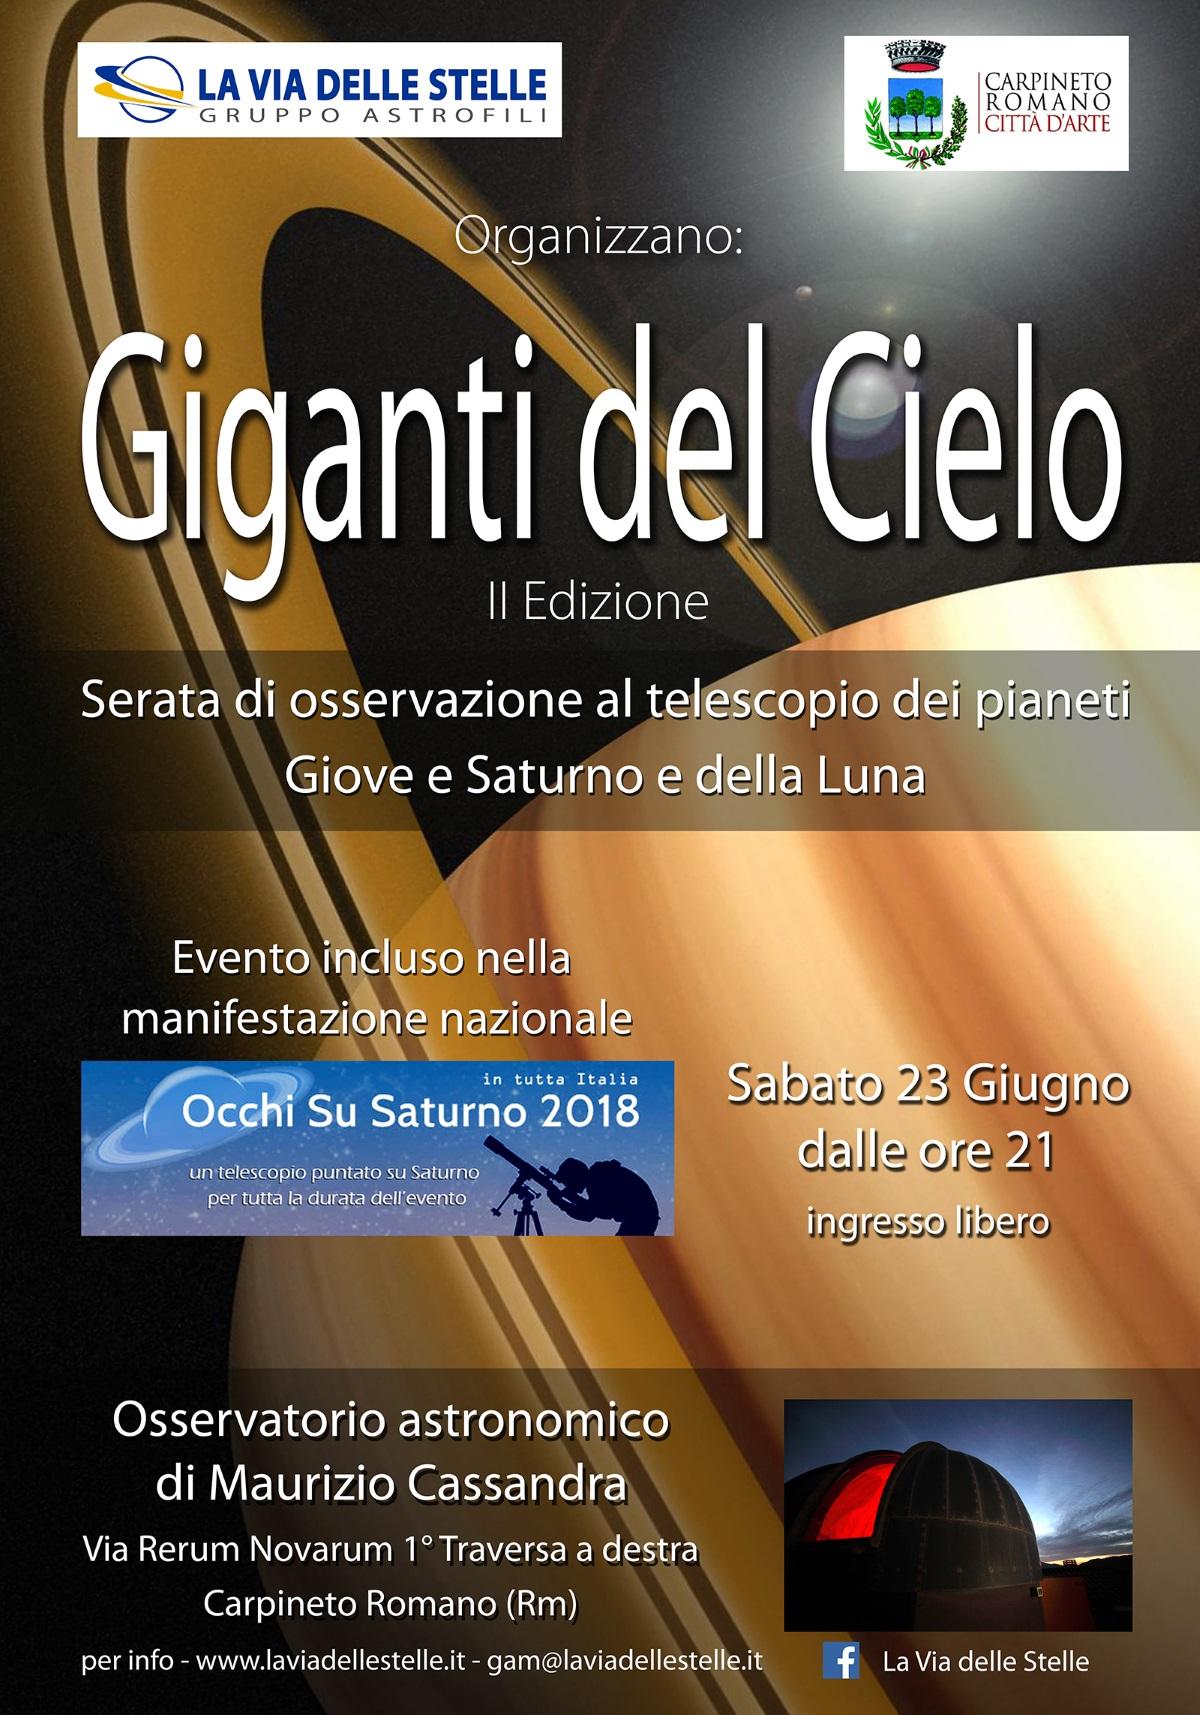 Carpineto Romano: Giganti del cielo @ Osservatorio astronomico di Maurizio Cassandra | Carpineto Romano | Lazio | Italia